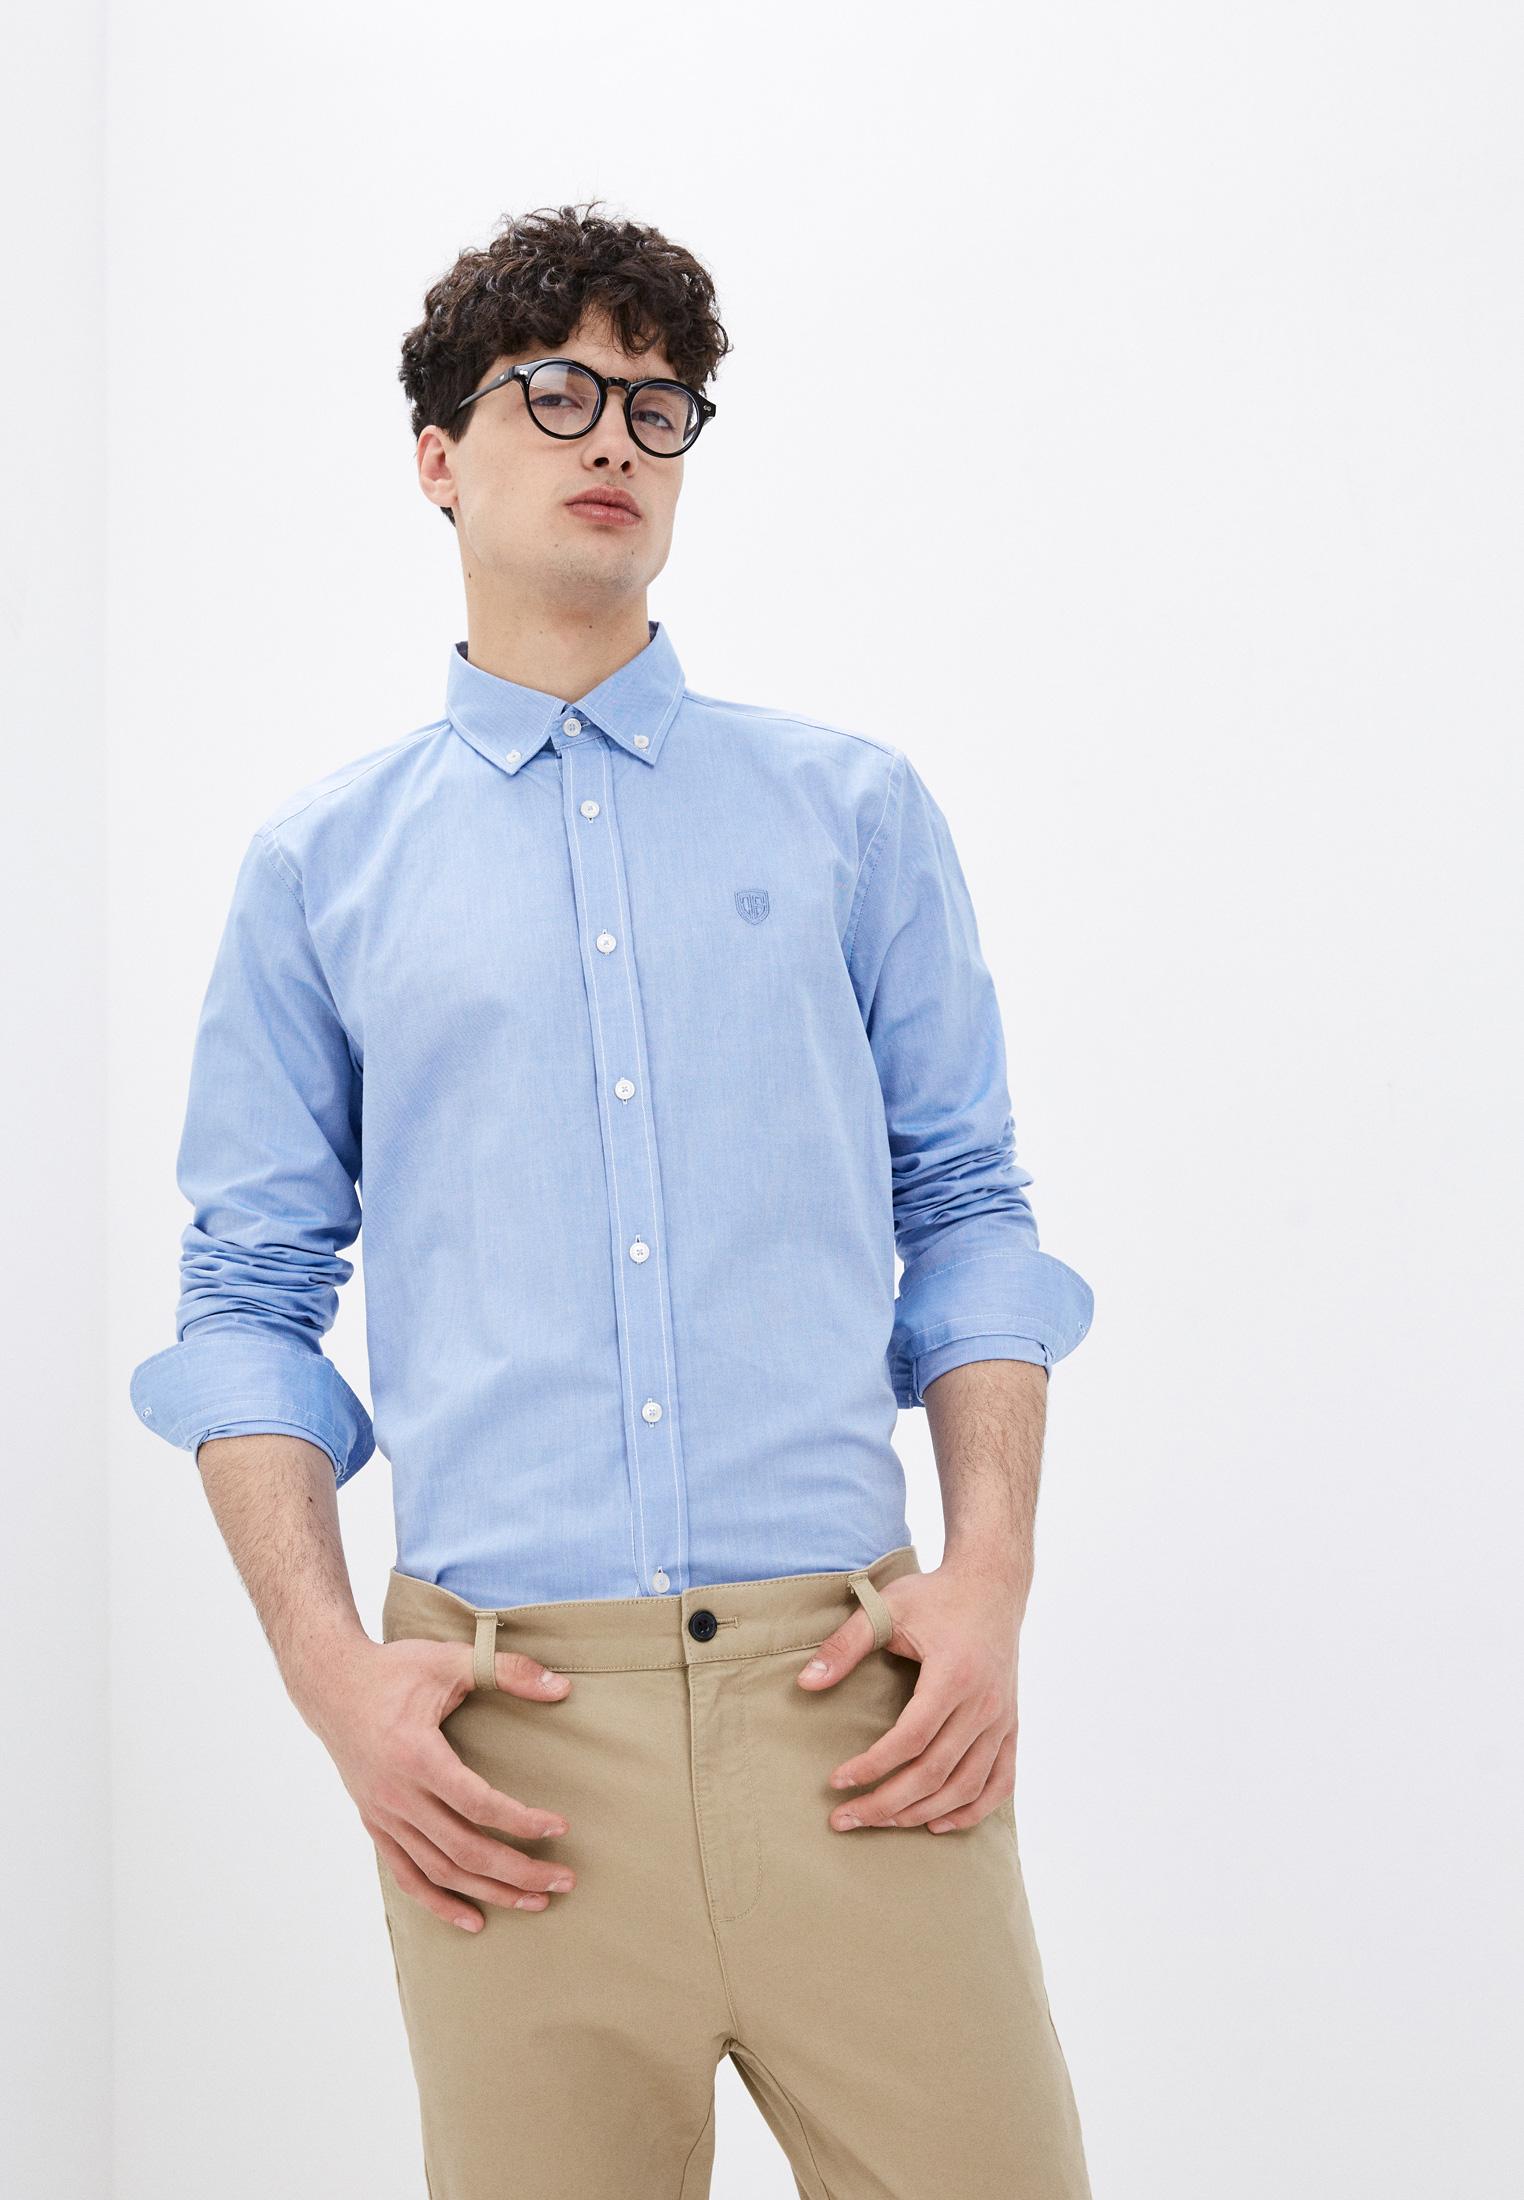 Рубашка с длинным рукавом JIMMY SANDERS (Джимми Сандерс) 20W  SHM3105 DARK BLUE